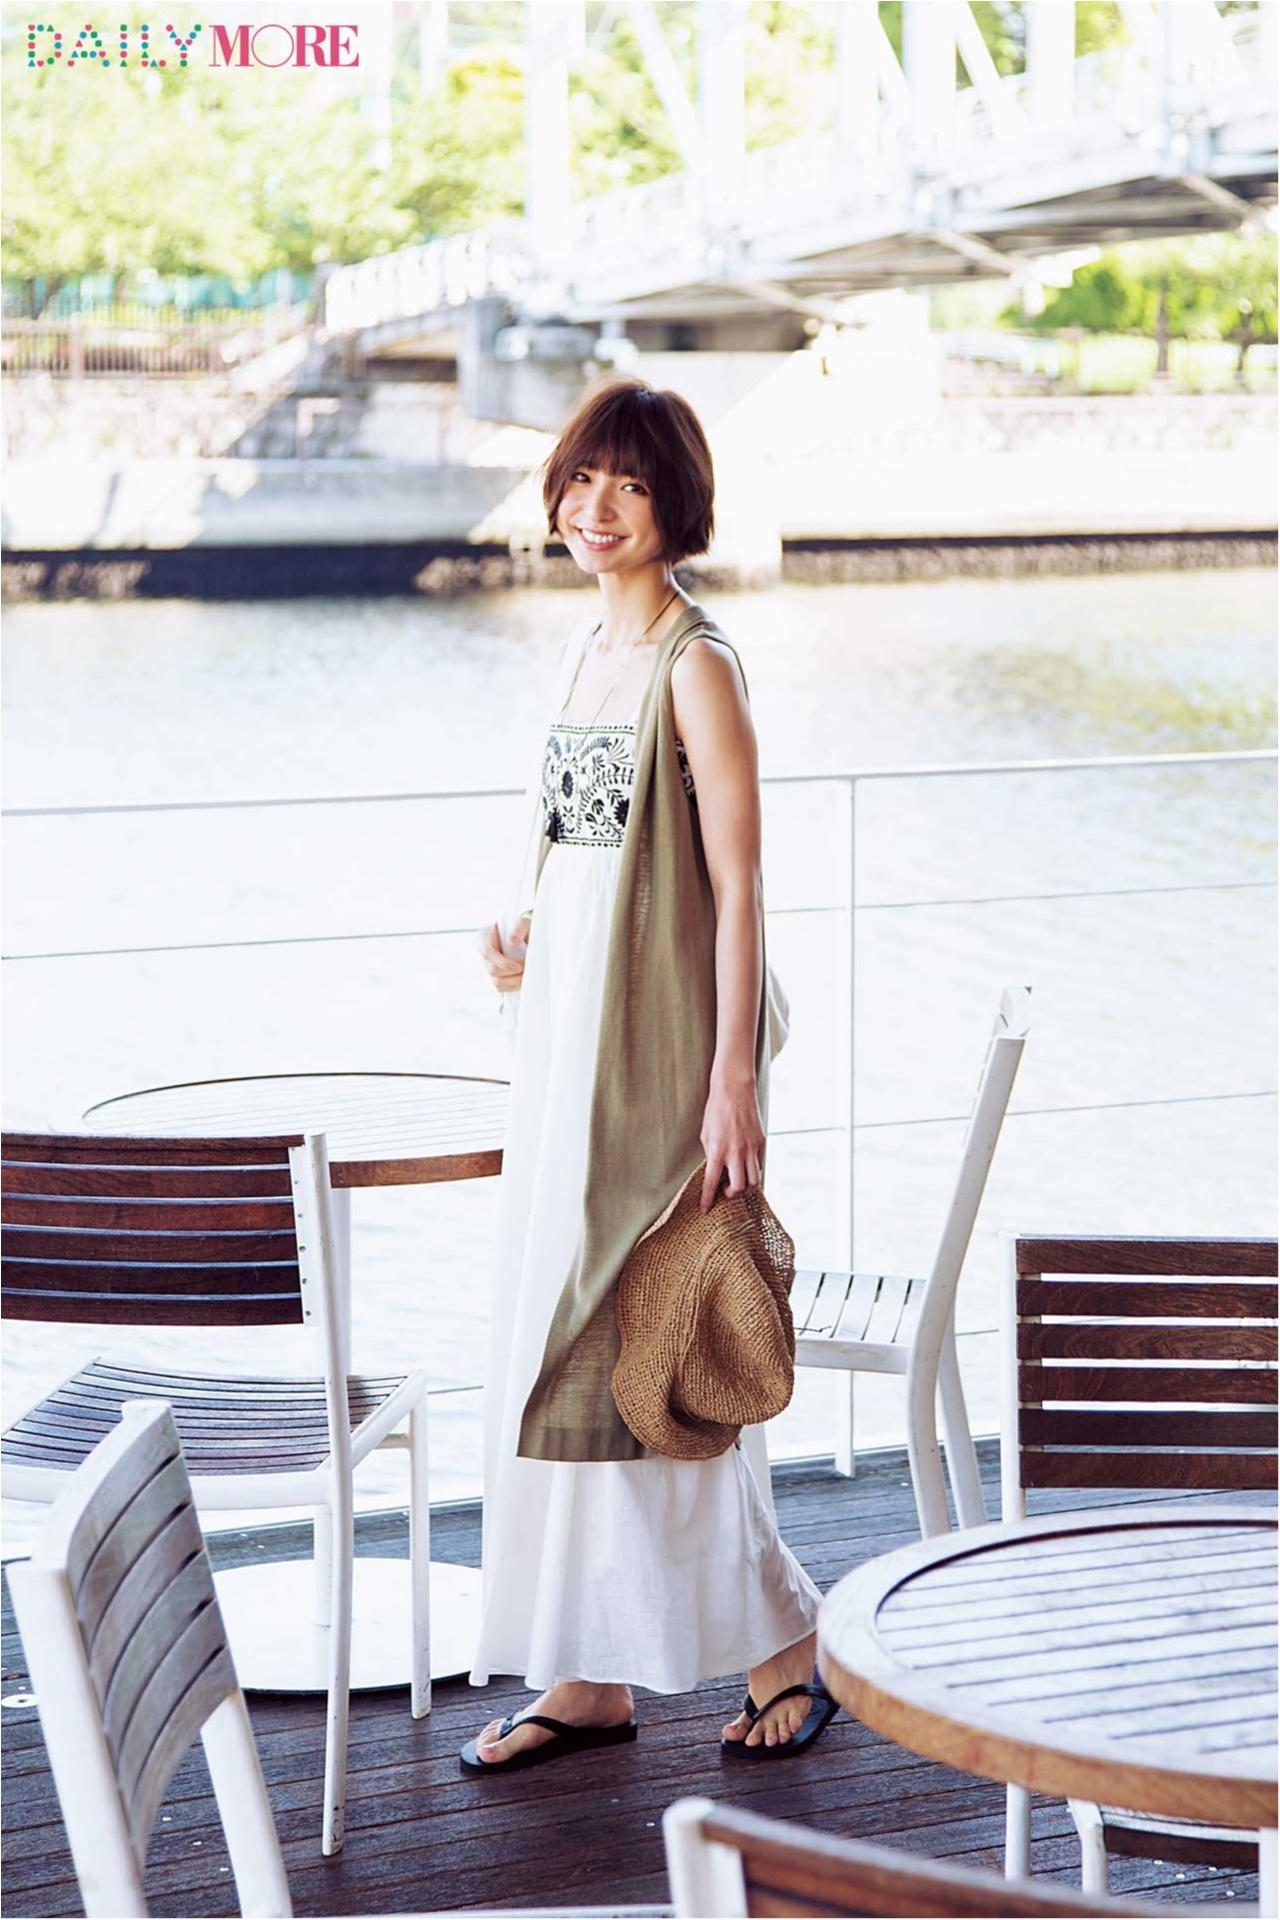 待ち合わせはテラス席。休日の麻里子はマキシワンピでおしゃれする~水辺のテラス編~_1